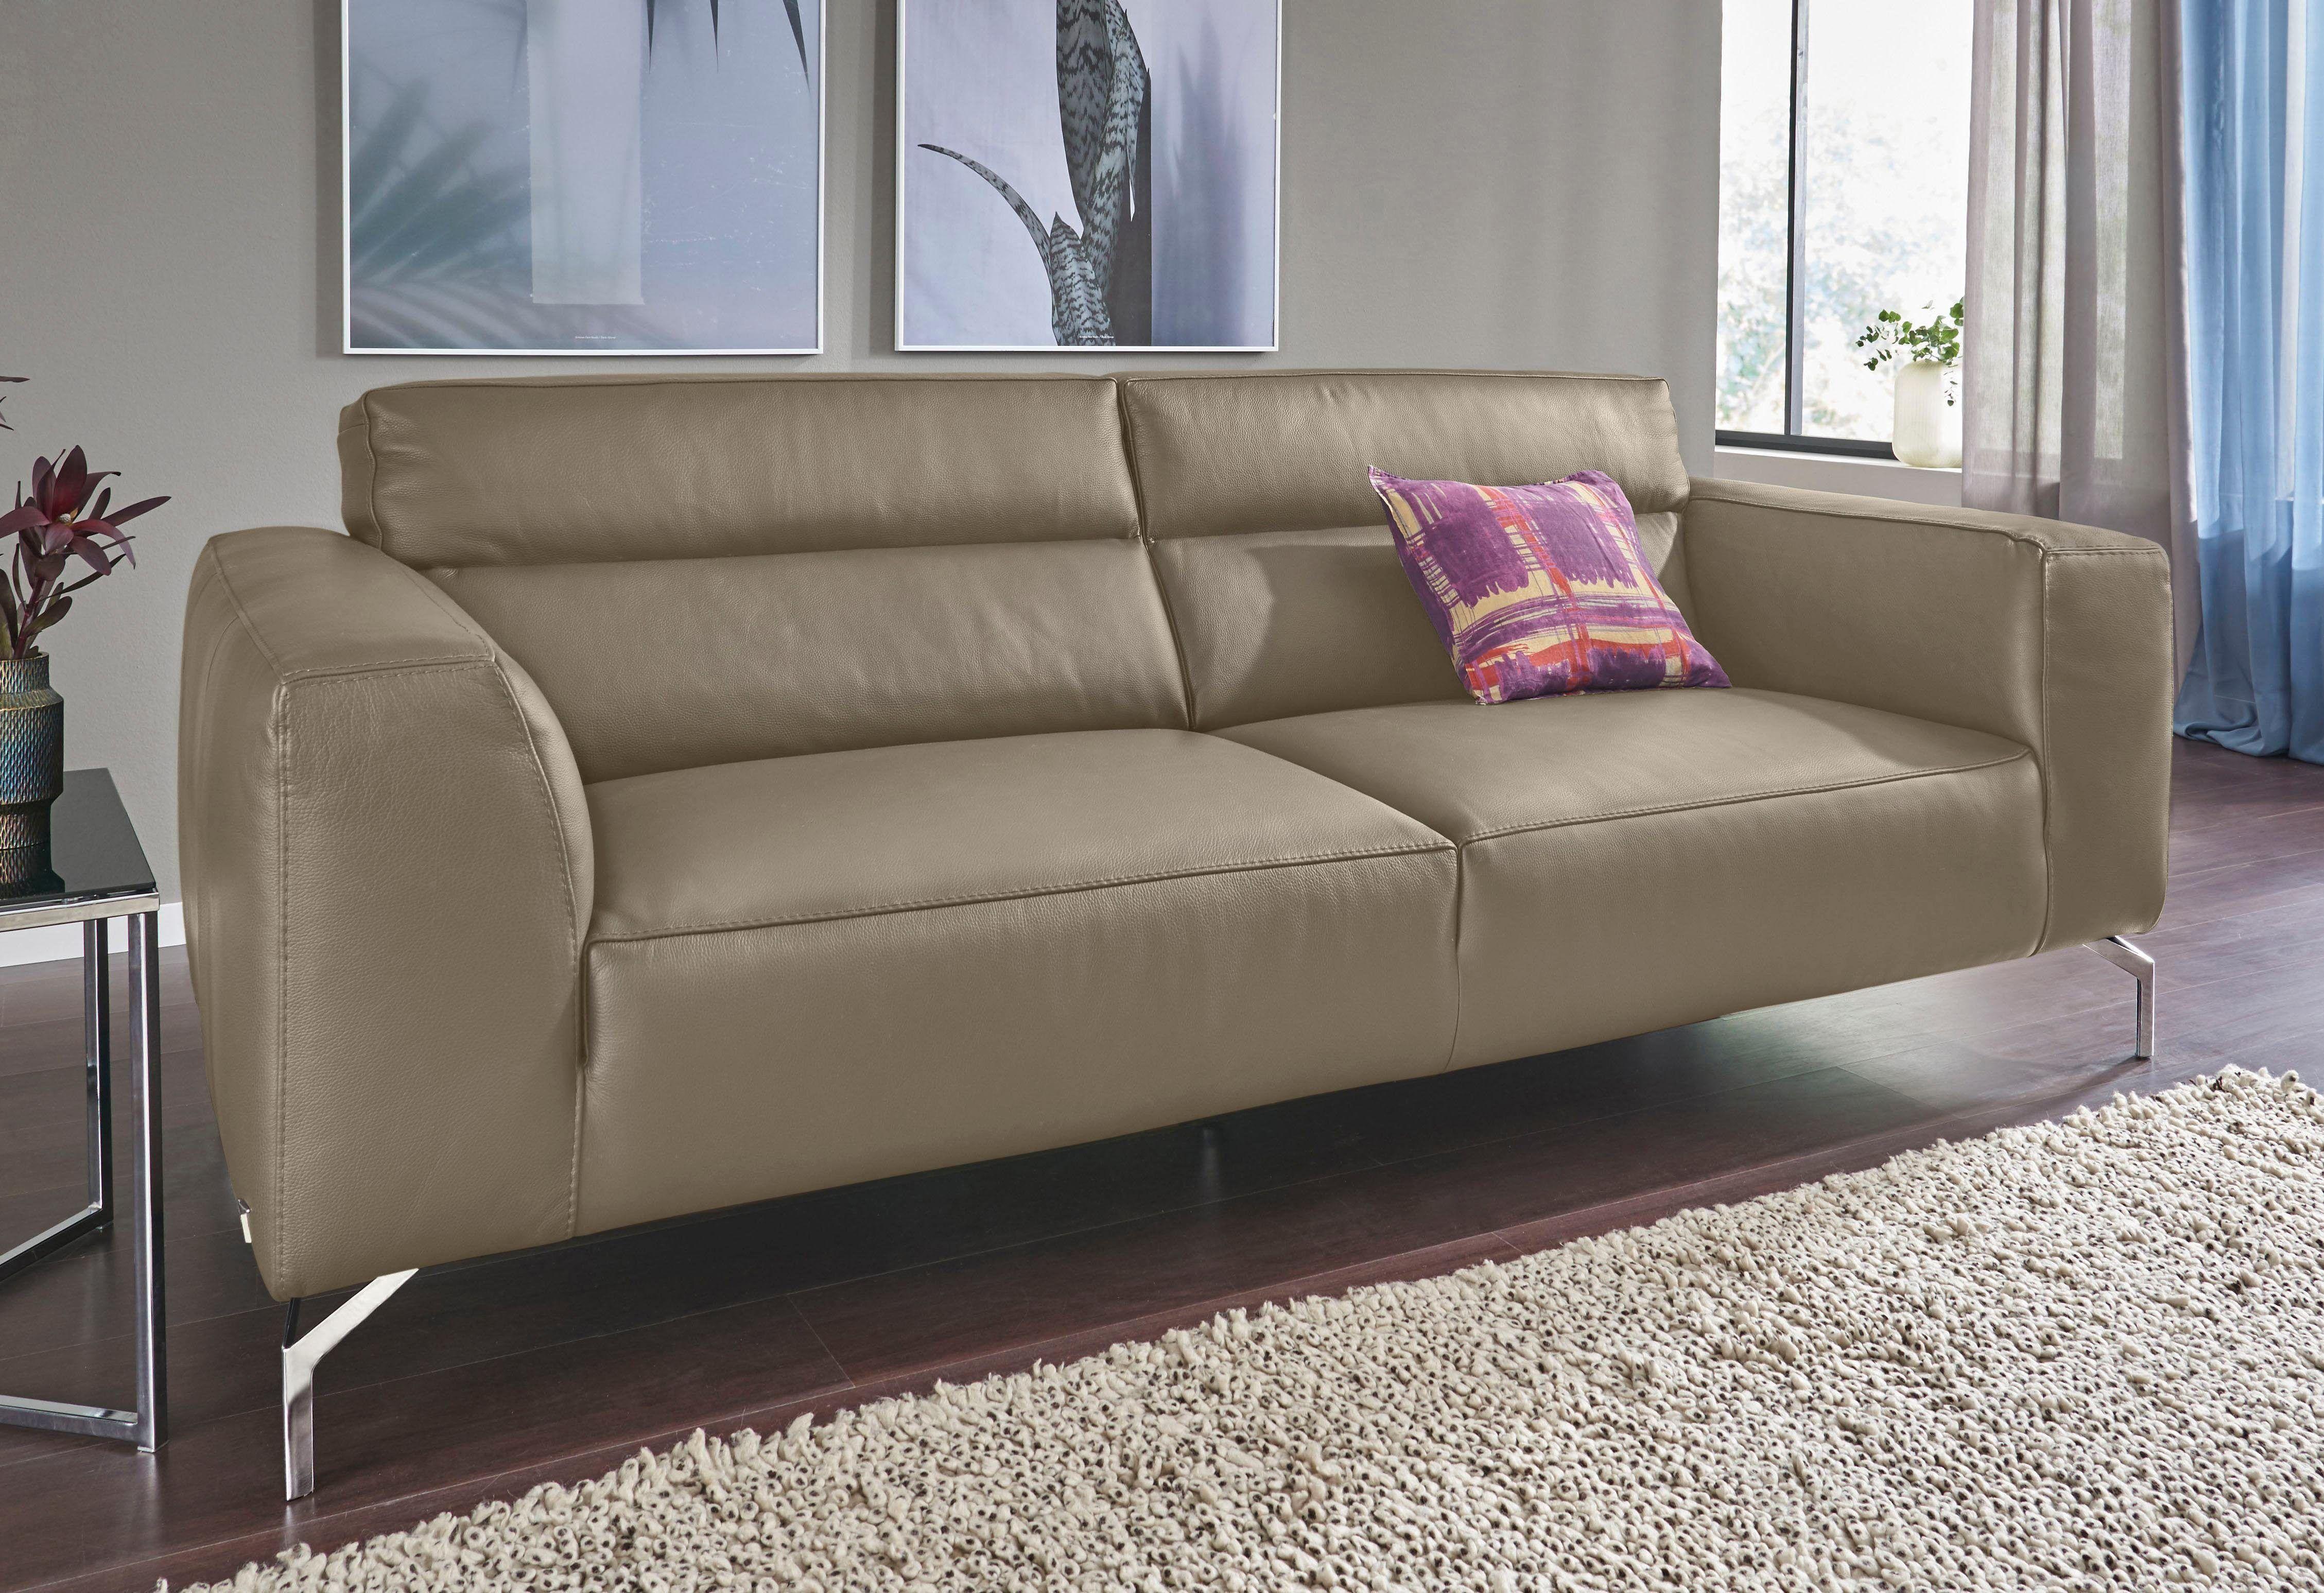 Calia Italia Dreisitzer Braun Soho Fsc Zertifiziert Jetzt Bestellen Unter Https Moebel Ladendirekt De Woh 3 Sitzer Sofa Gunstige Sofas Sofa Leder Braun